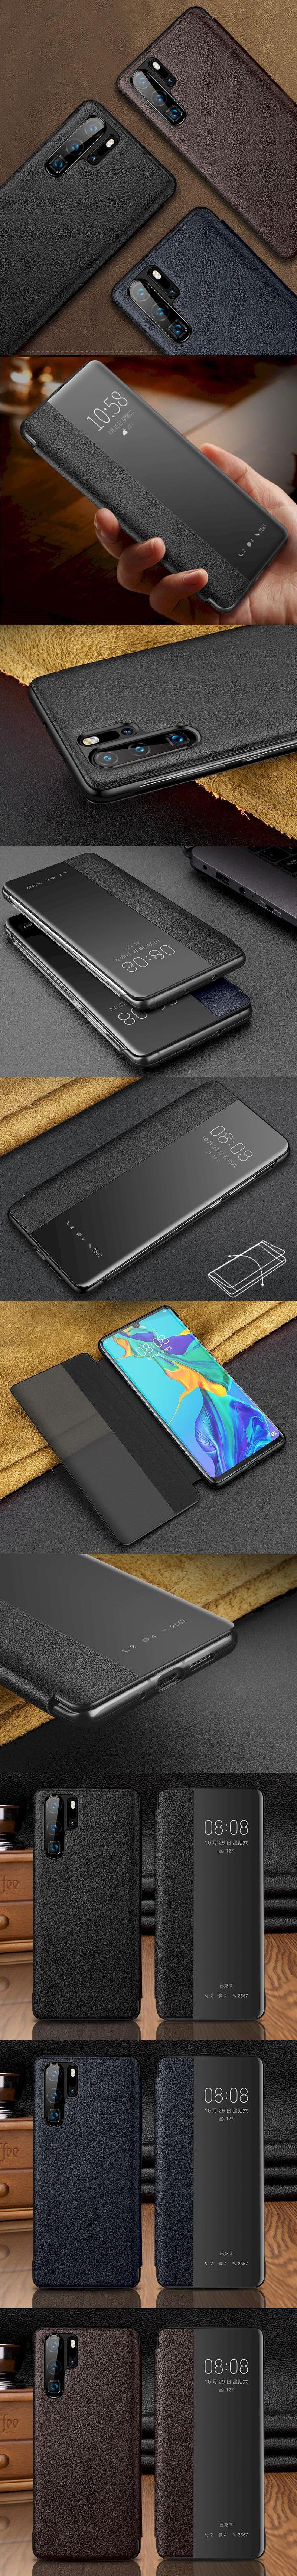 799-Huawei-真皮荔枝紋智能皮套來電顯示視窗保護套